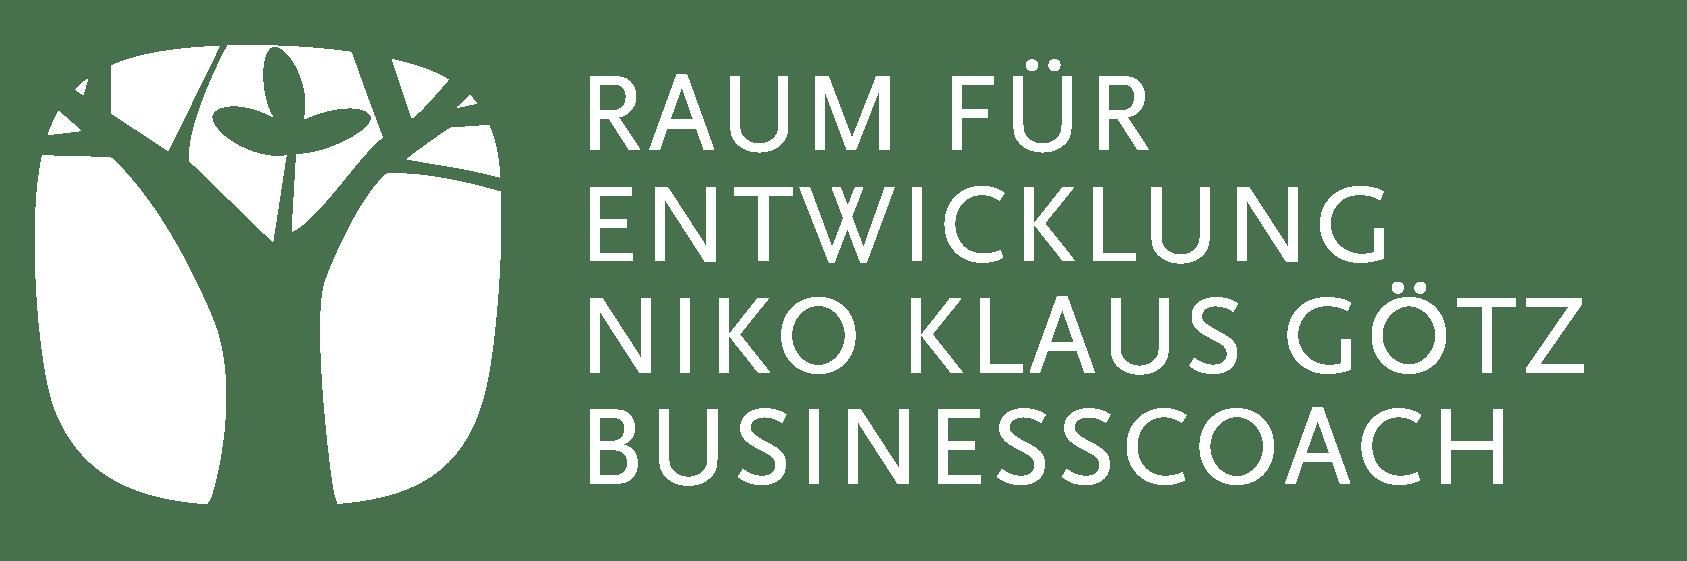 Raum für Entwicklung - Niko Klaus Götz - Businesscoach